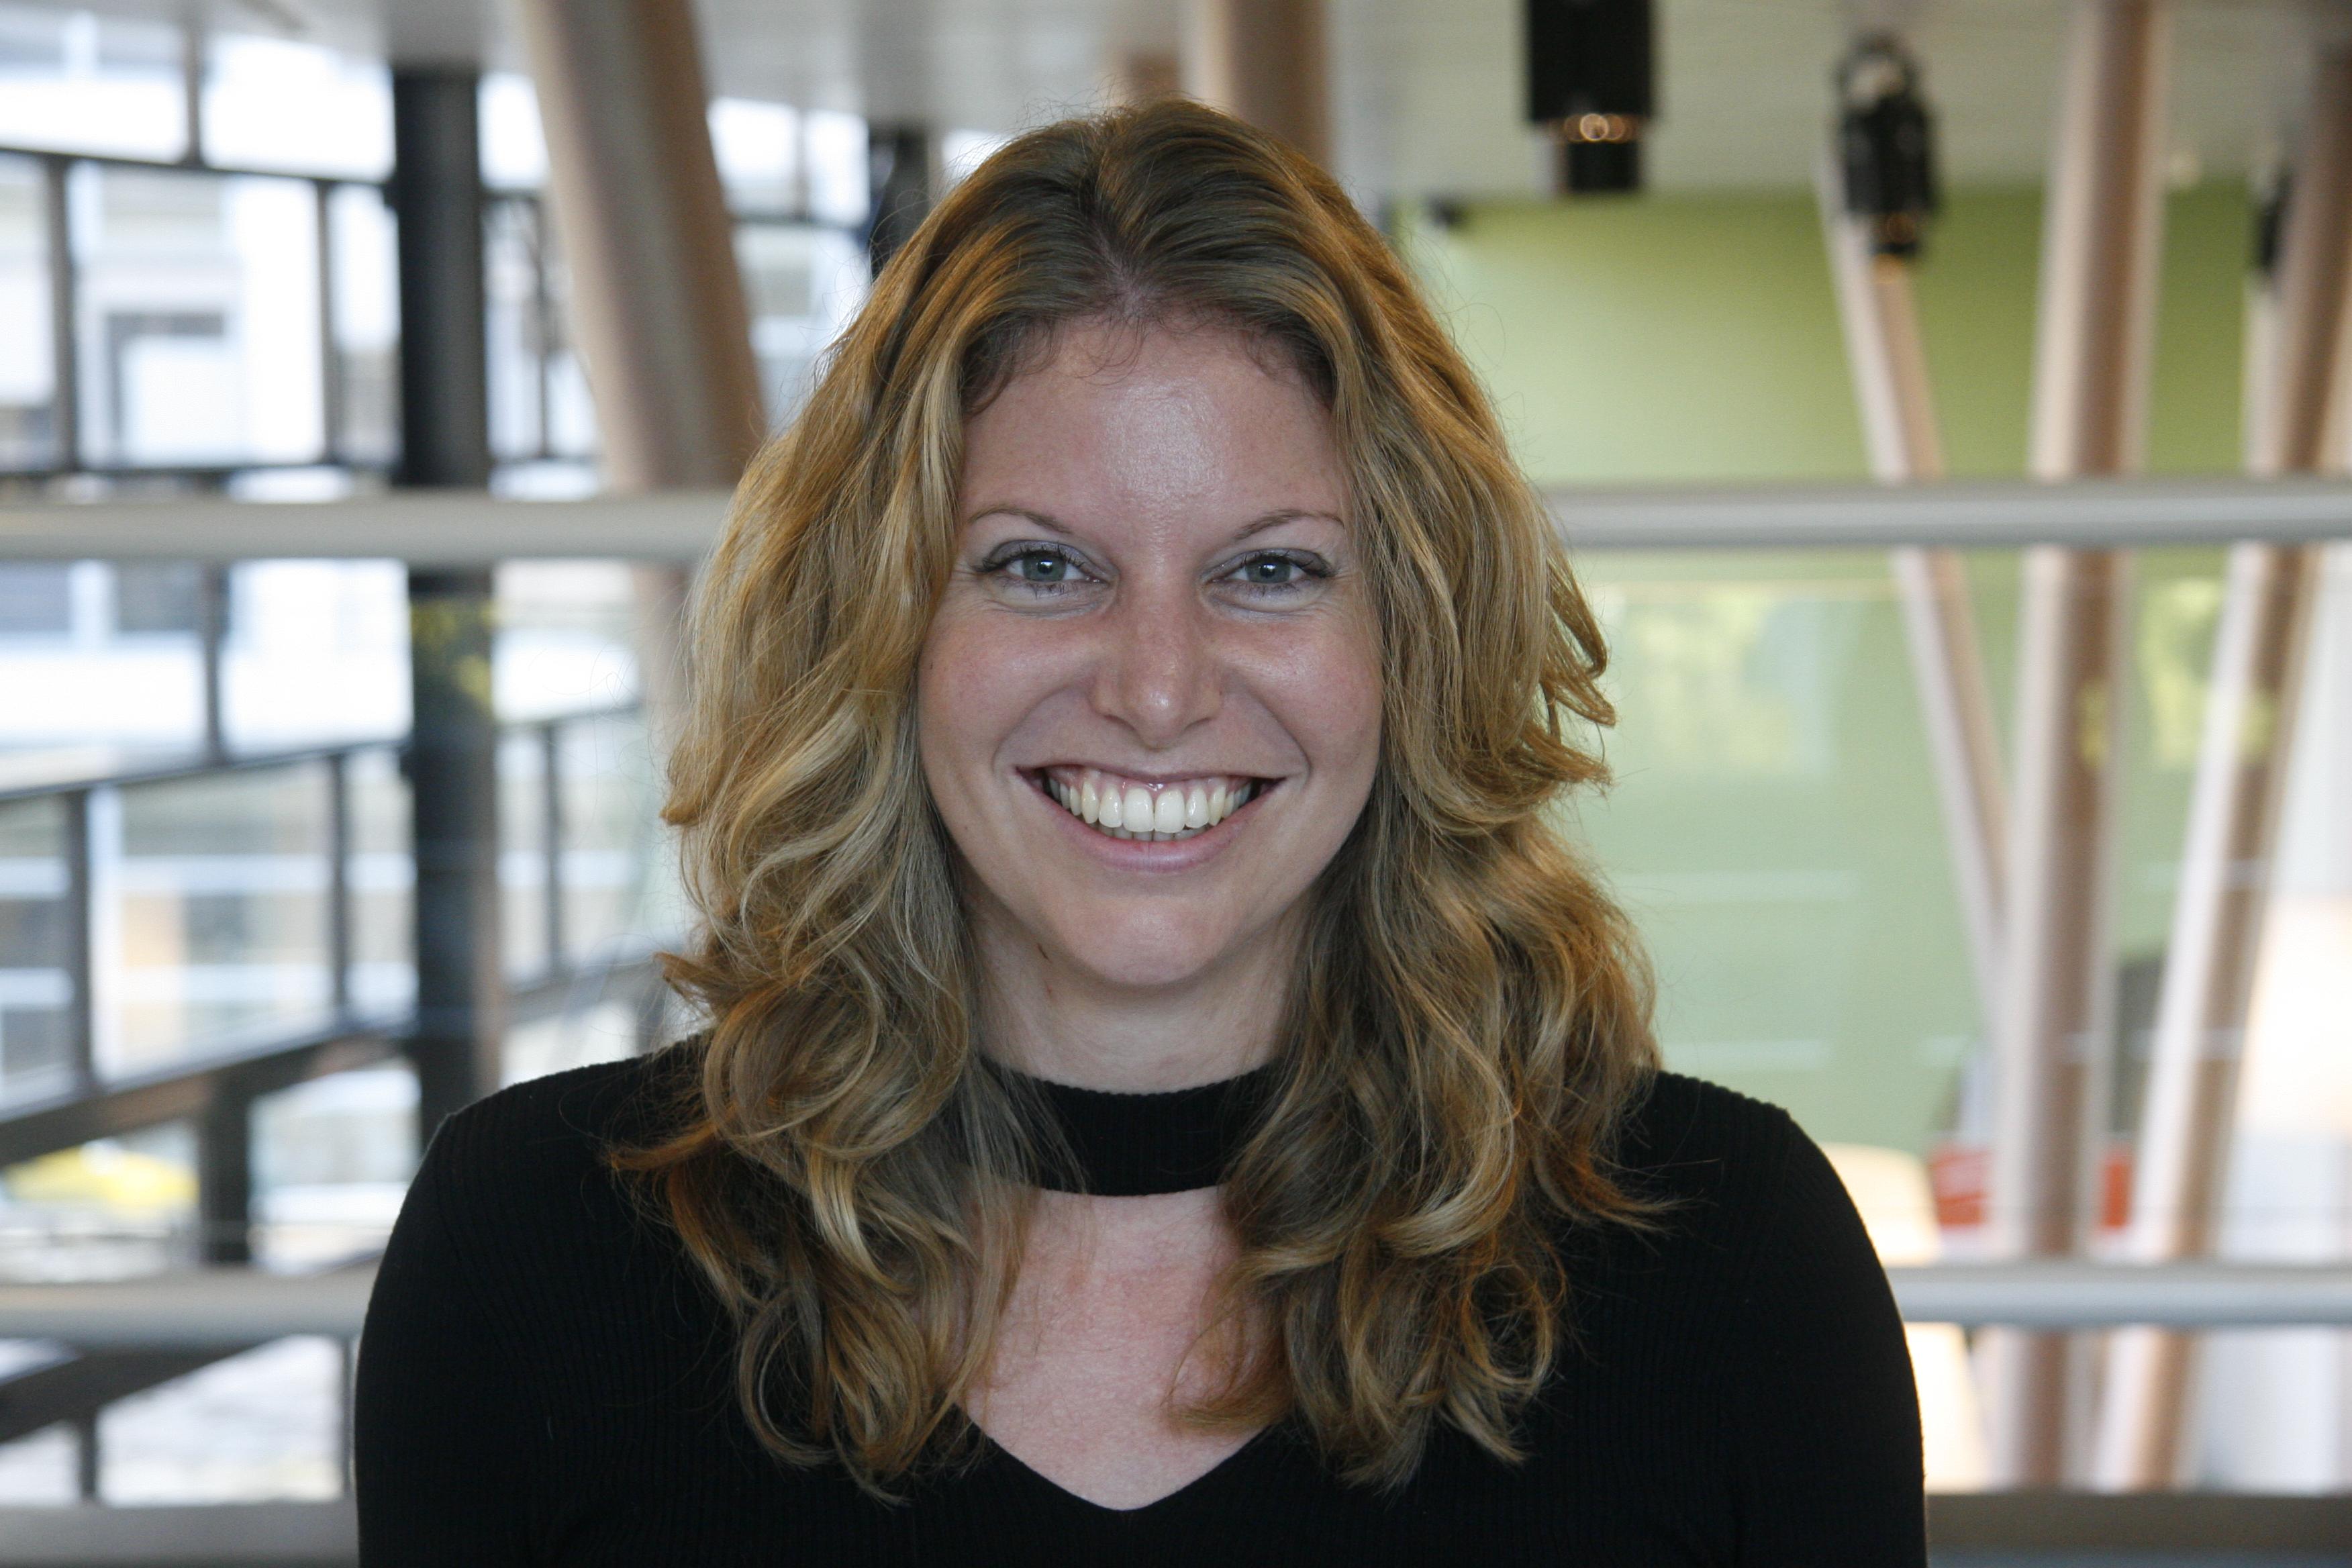 Erica Broekman